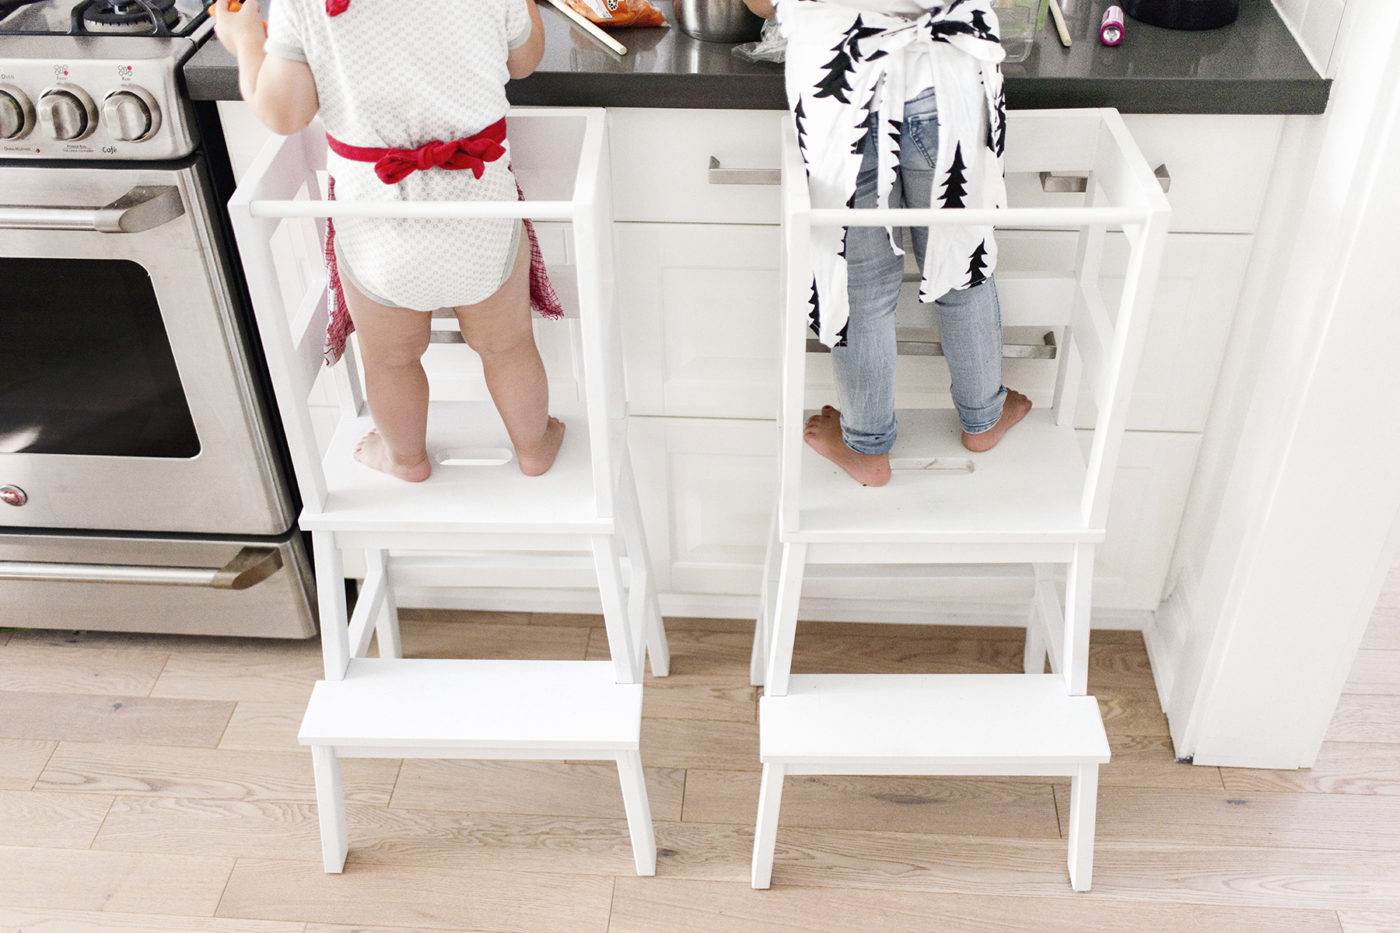 台所育児の踏み台に海外アイデアを活用、モンテッソリー教育流